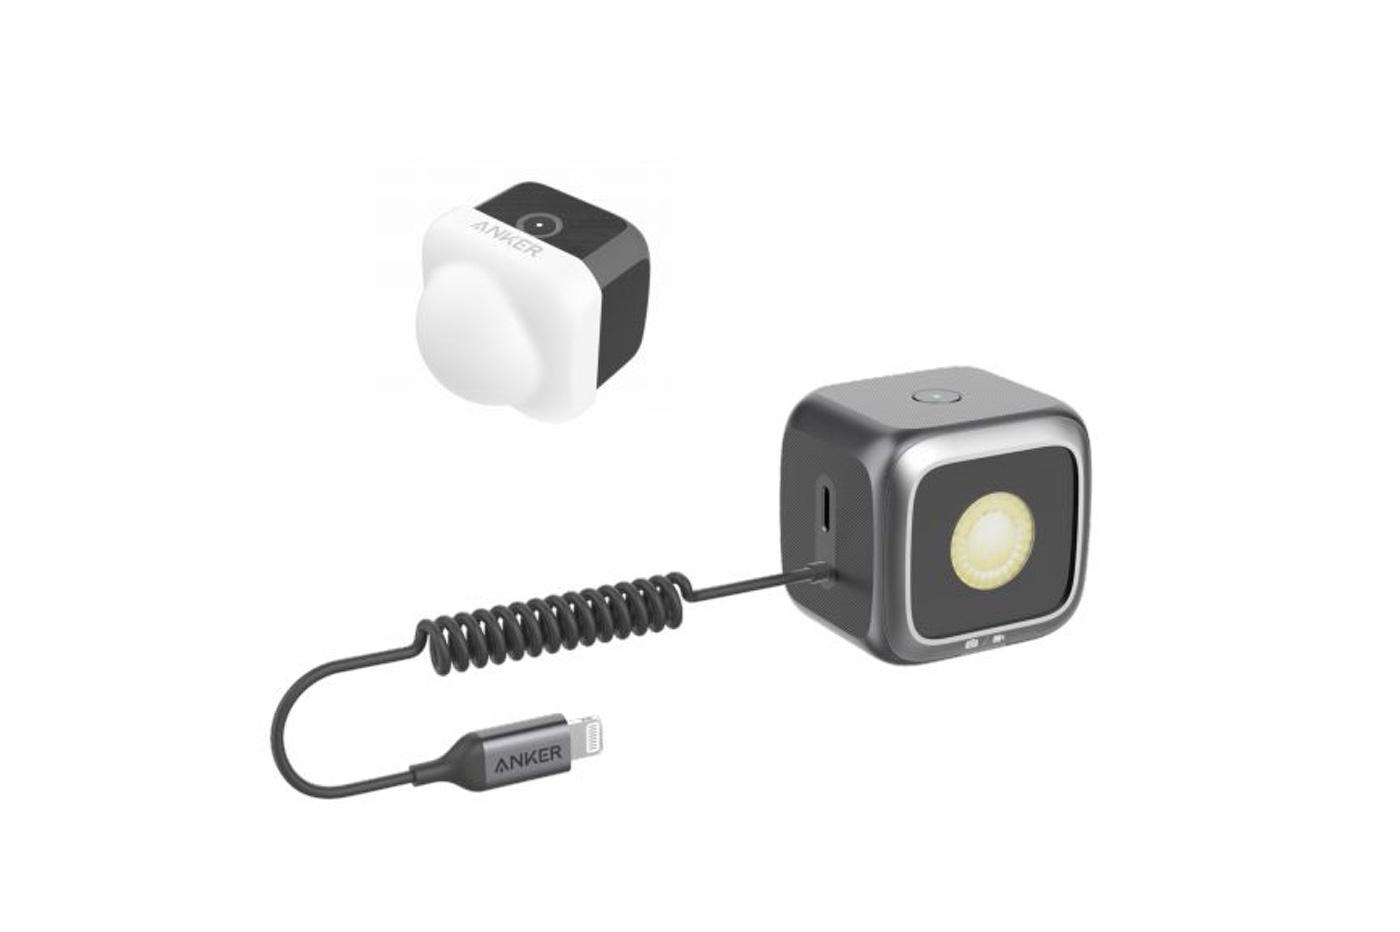 accessoire flash LED externe pour iPhone